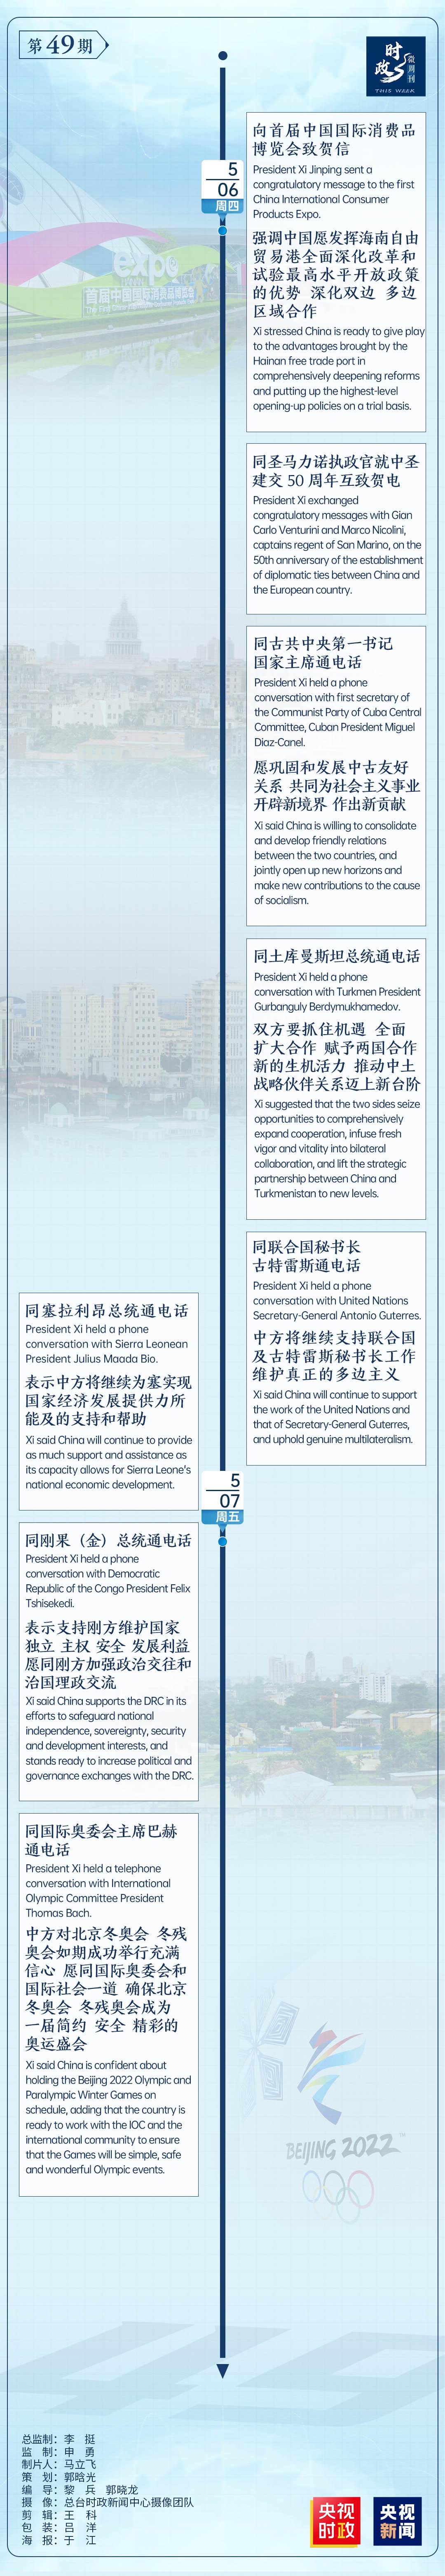 时政微周刊丨总书记的一周(5月3日—5月9日)